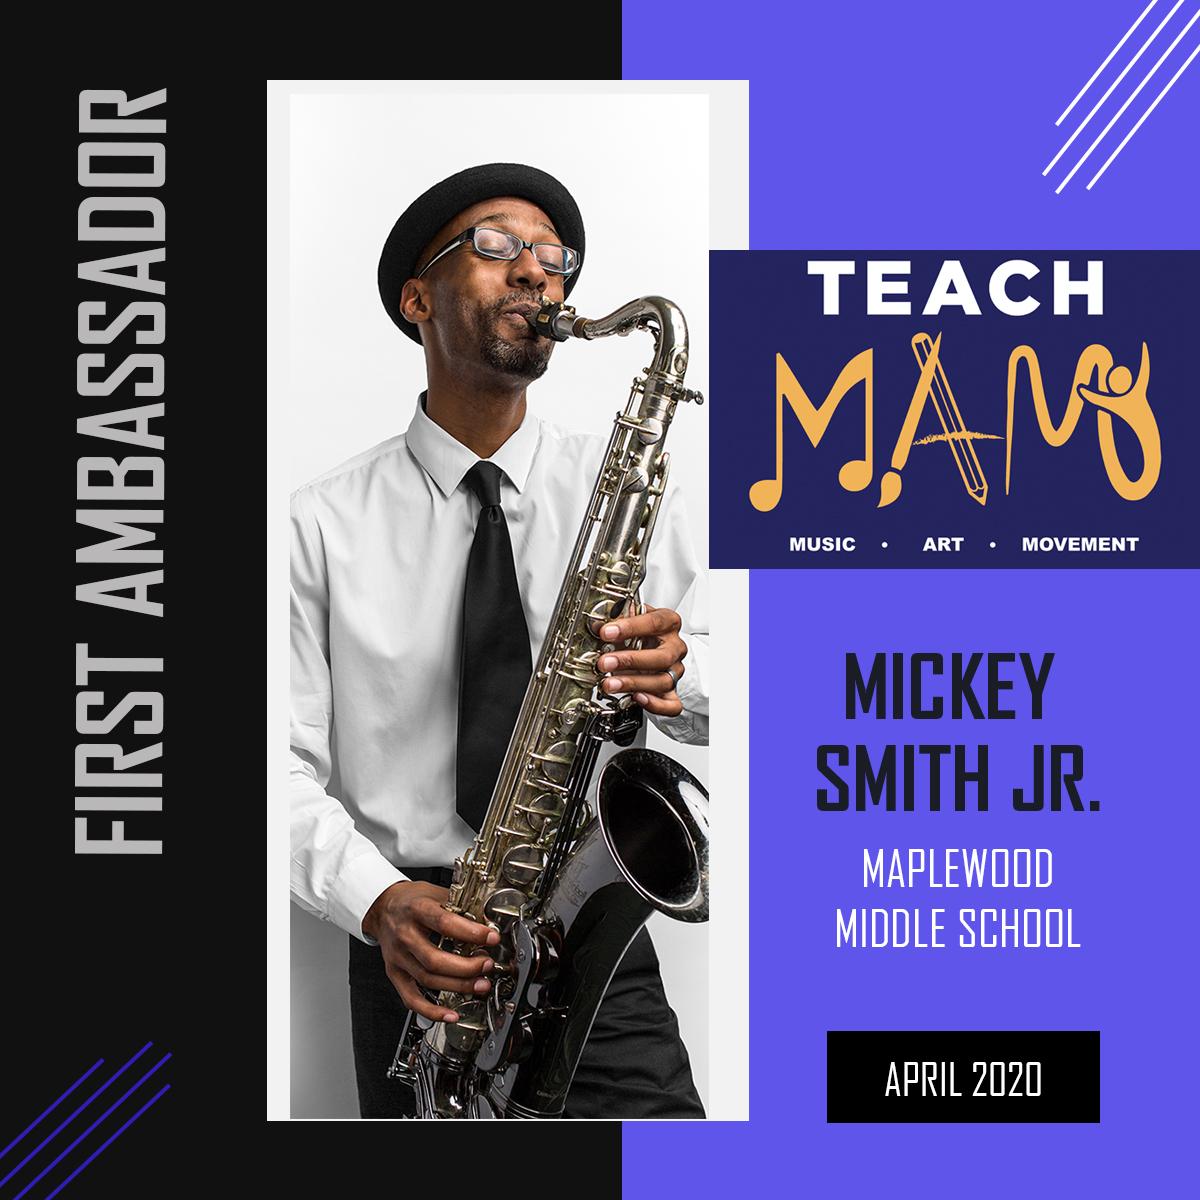 Teach MAM – Our First Ambassador!